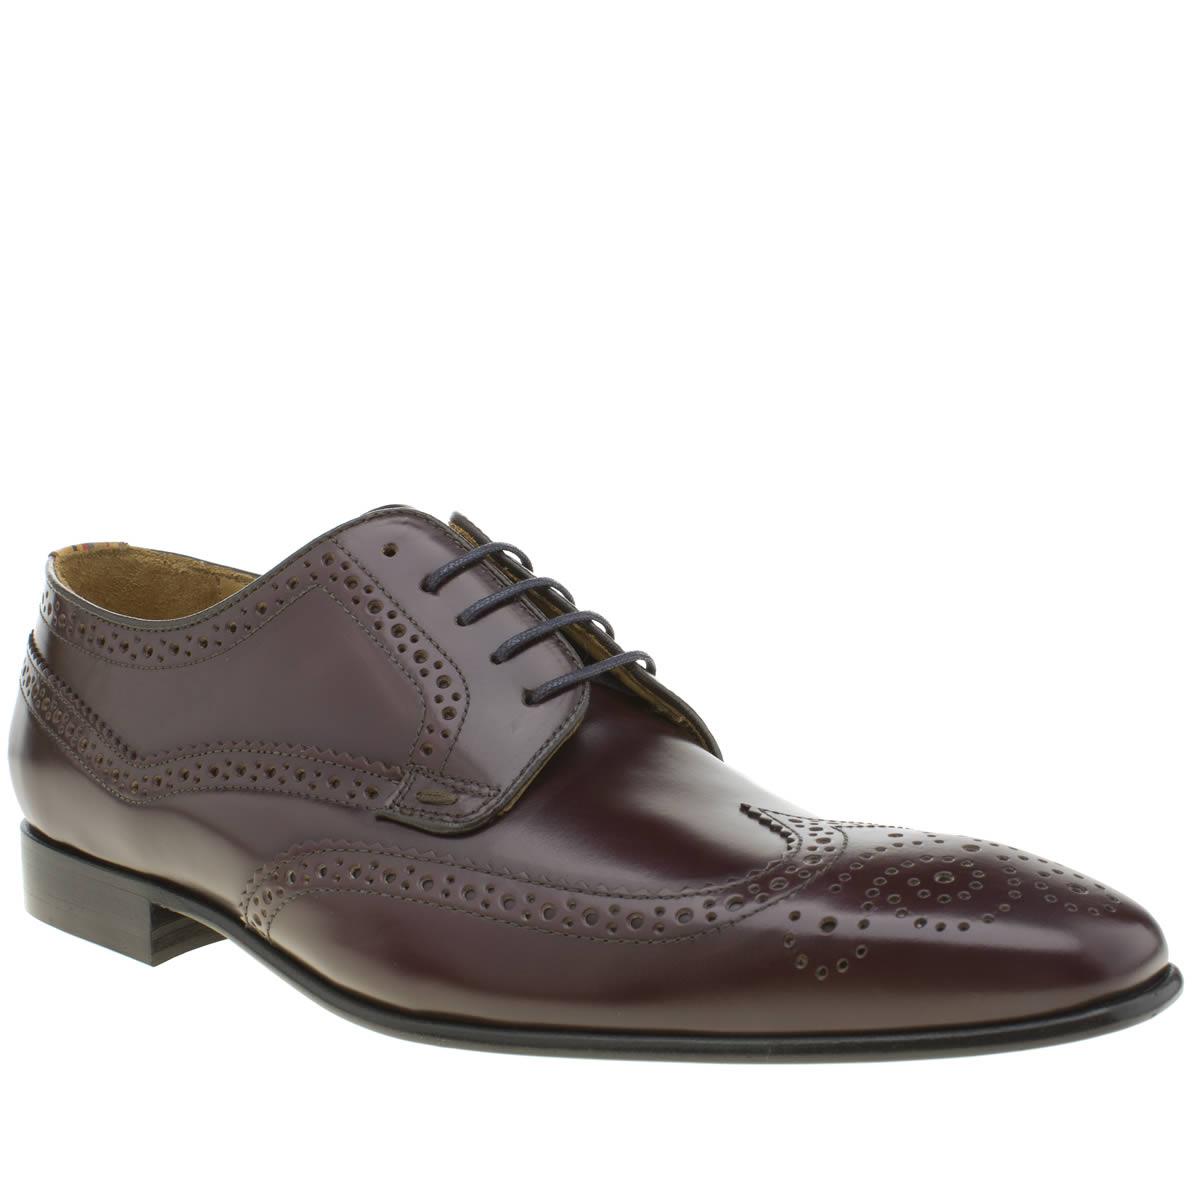 paul smith shoe ps Paul Smith Shoe Ps Burgundy Aldrich Shoes